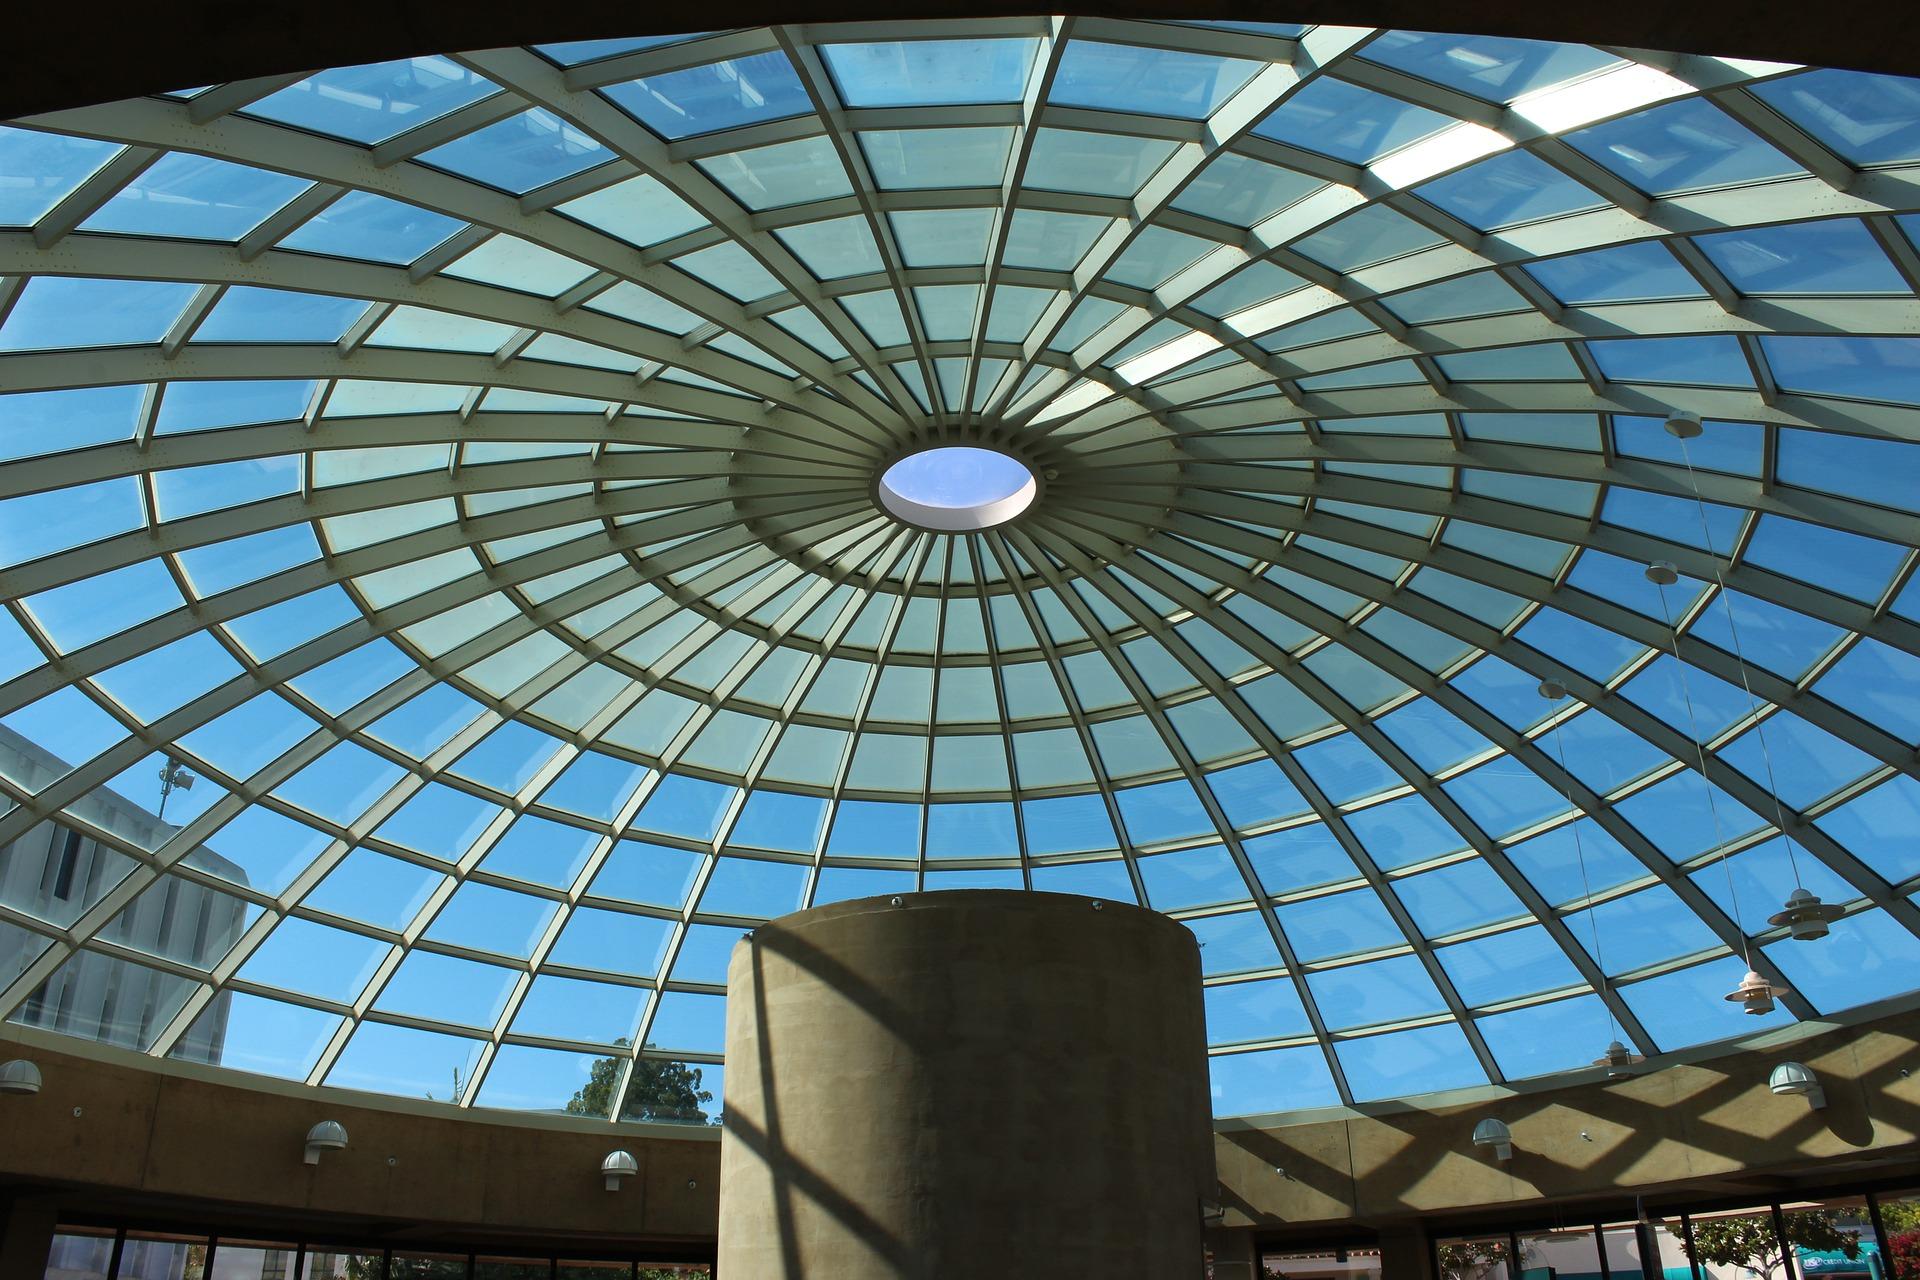 老後2000万円問題で大騒ぎしていてはアッパーマス層はガラスの天井なのか